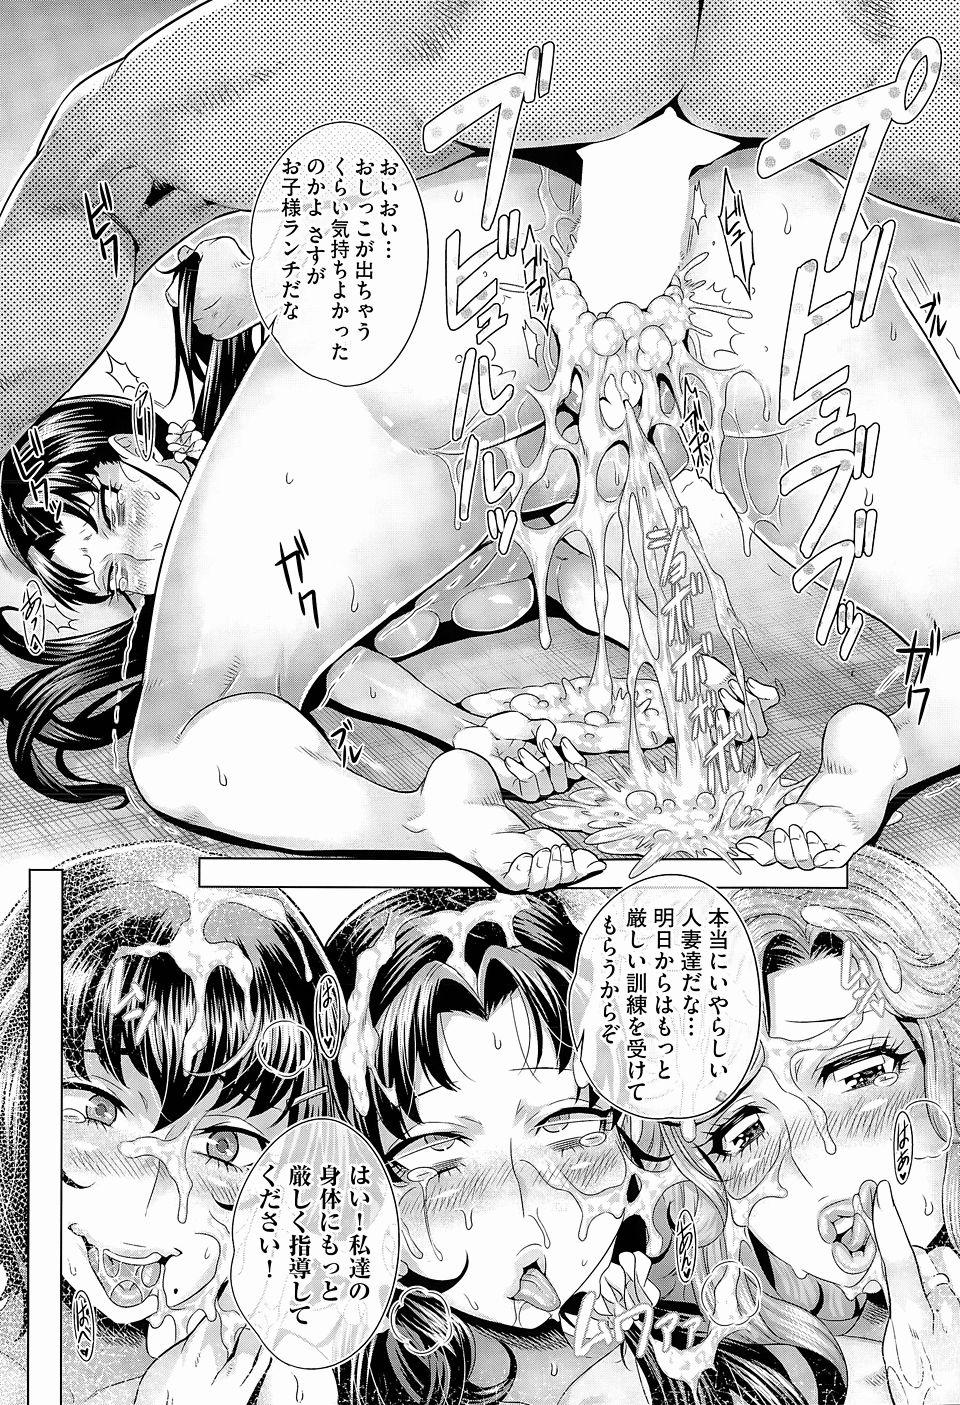 【エロ漫画・エロ同人誌】巨乳人妻達がやってるママさんバレーのコーチに行ったら誘惑されてるんだがwww (23)